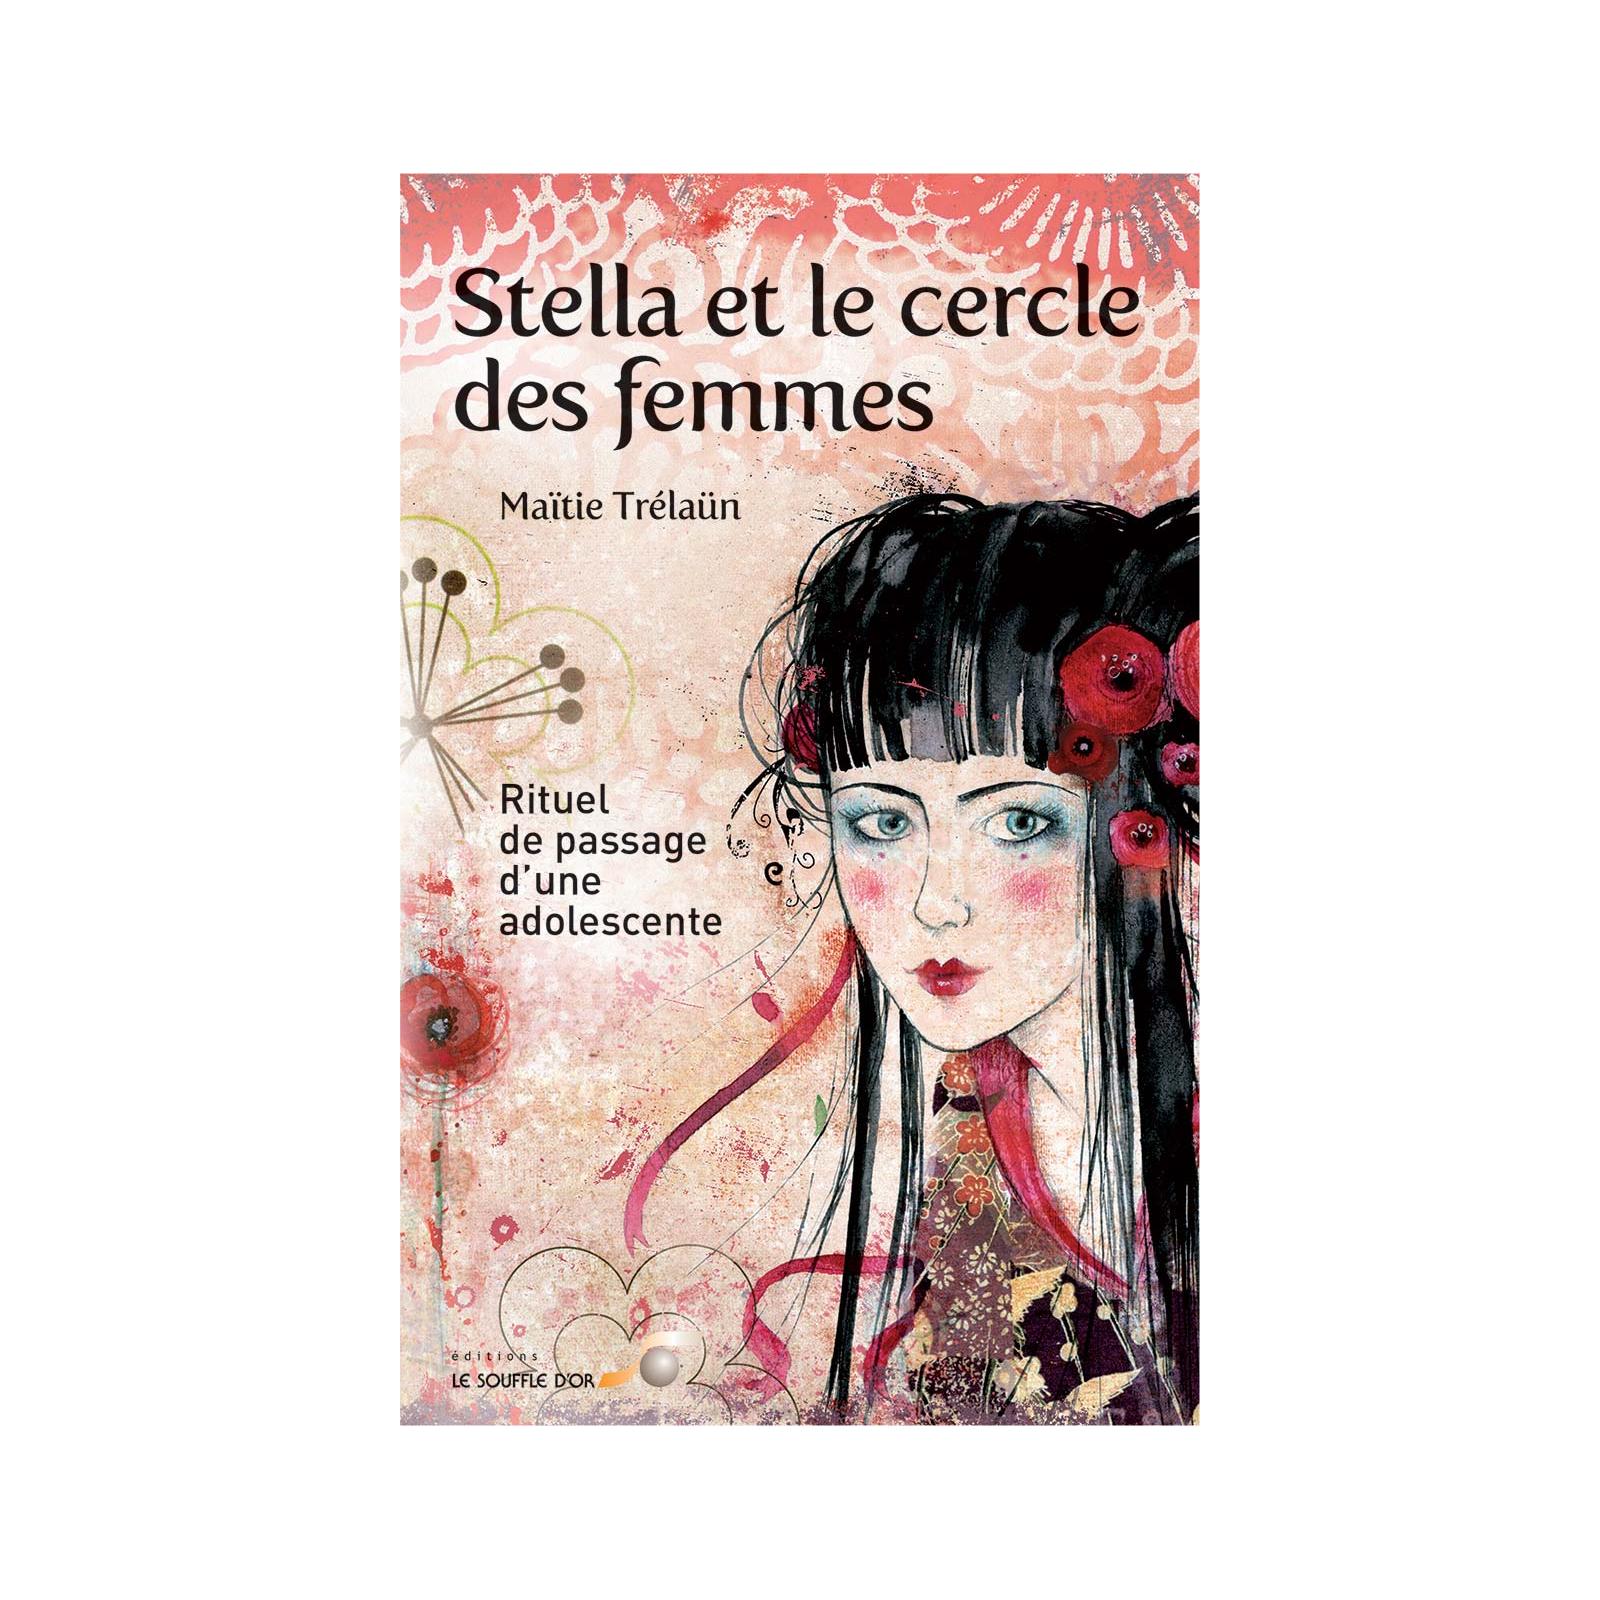 Stella et le cercle des femmes